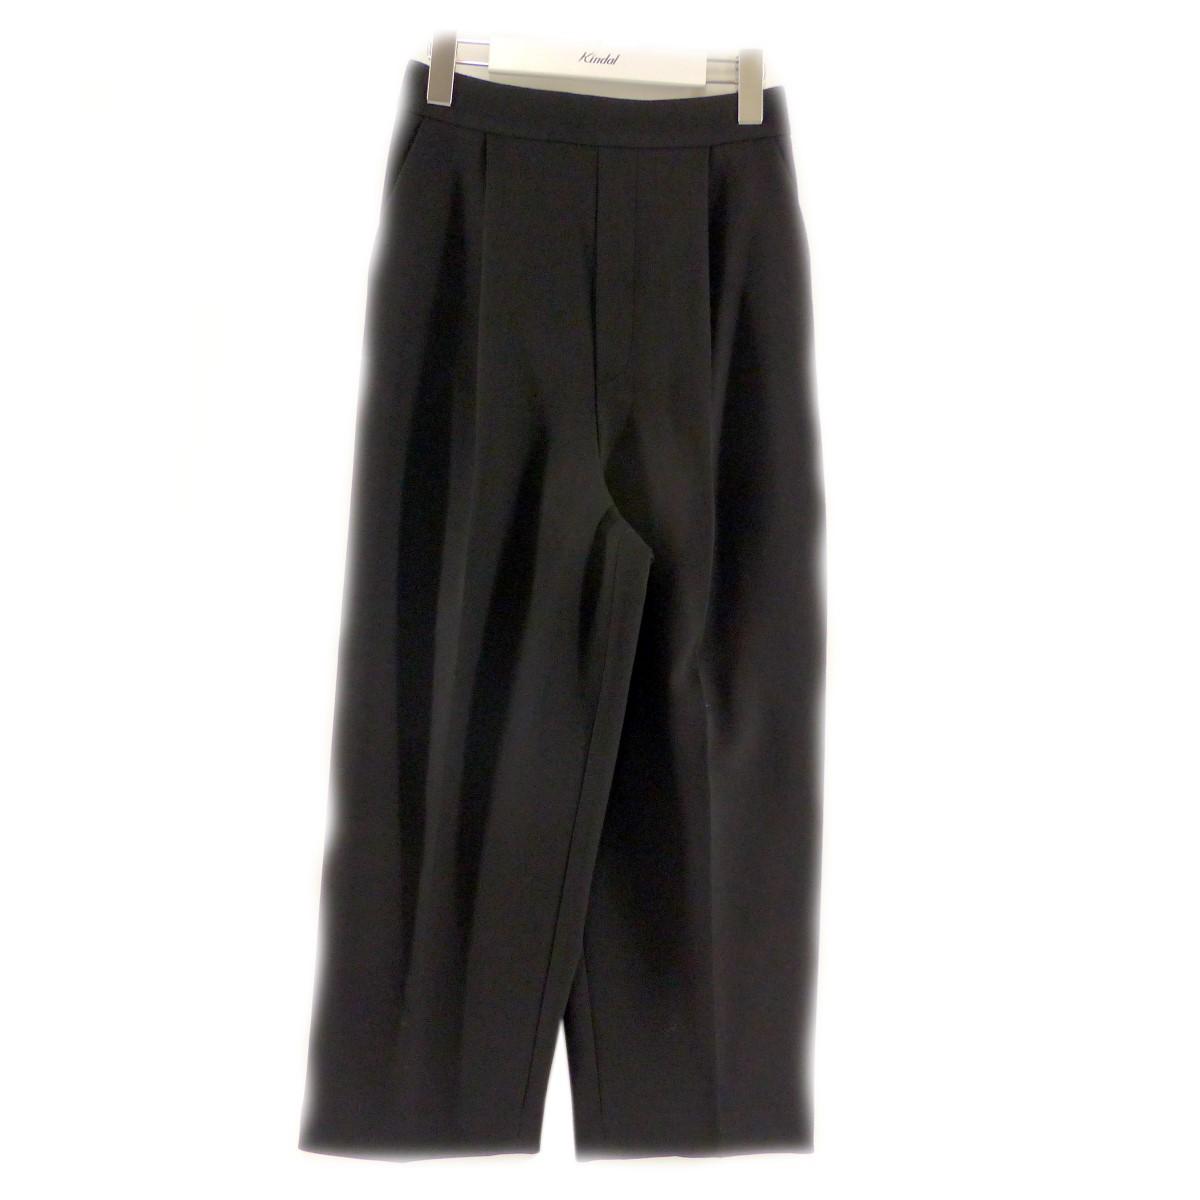 【中古】ENFOLD ダブルクロスゴムクロップドトラウザー/パンツ ブラック サイズ:36 【240820】(エンフォルド)